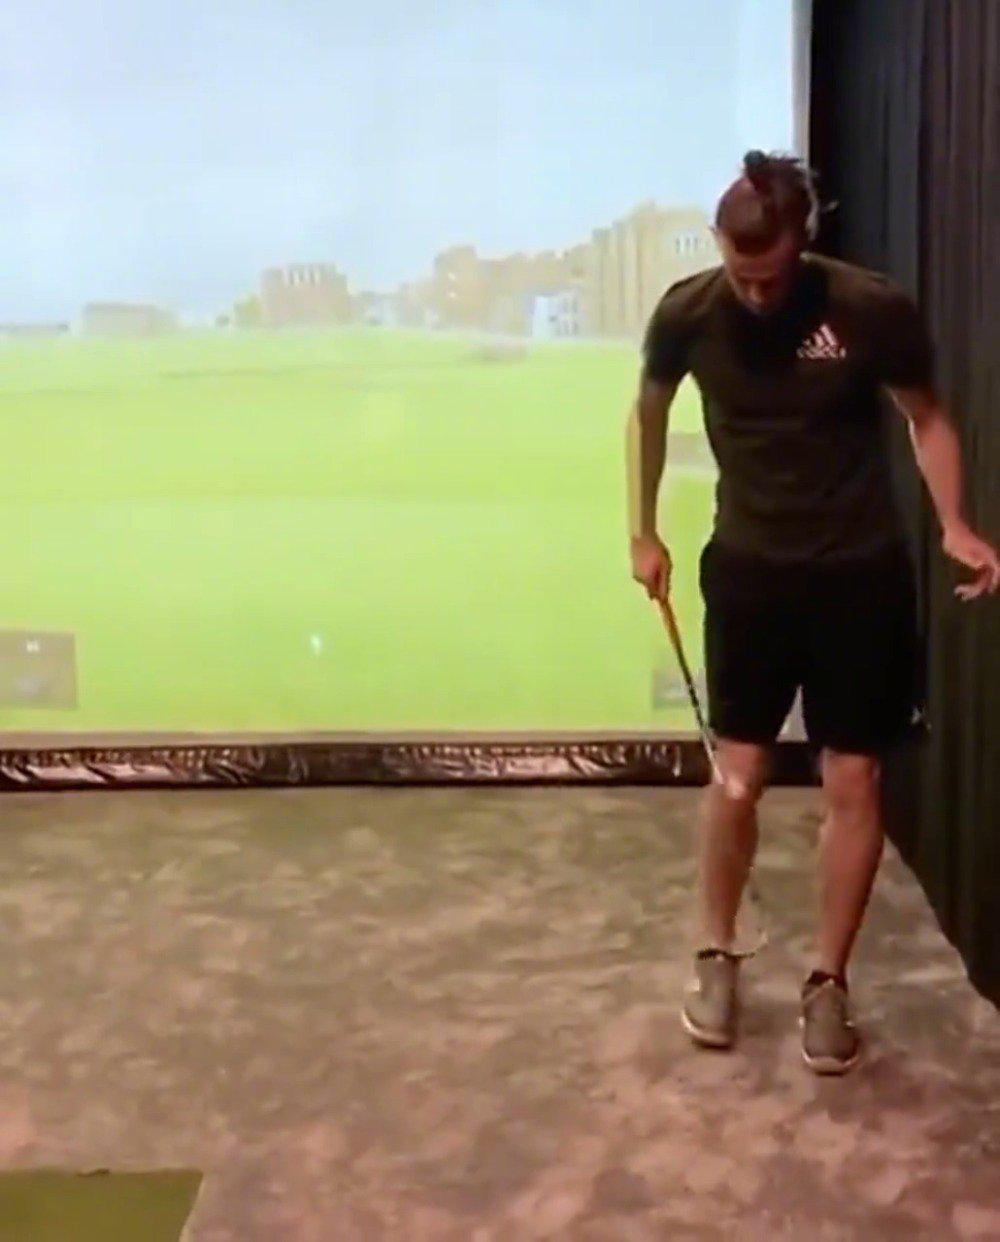 大圣有点东西啊,左脚踢球,右手拿球杆更多精彩视频:://t